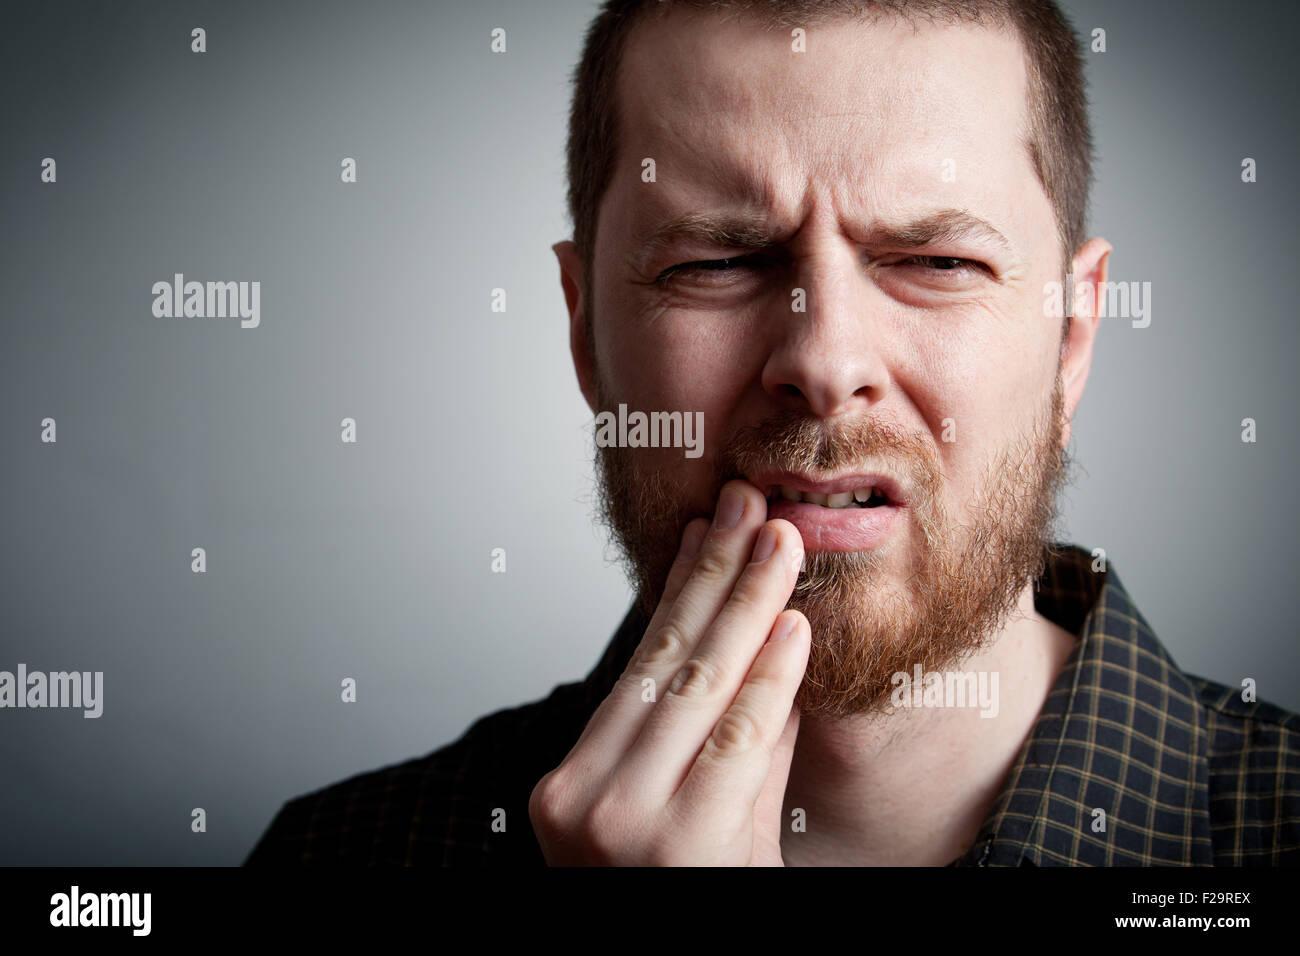 Zahnschmerzen - leidenden jungen Menschen mit Zahnprobleme Stockbild